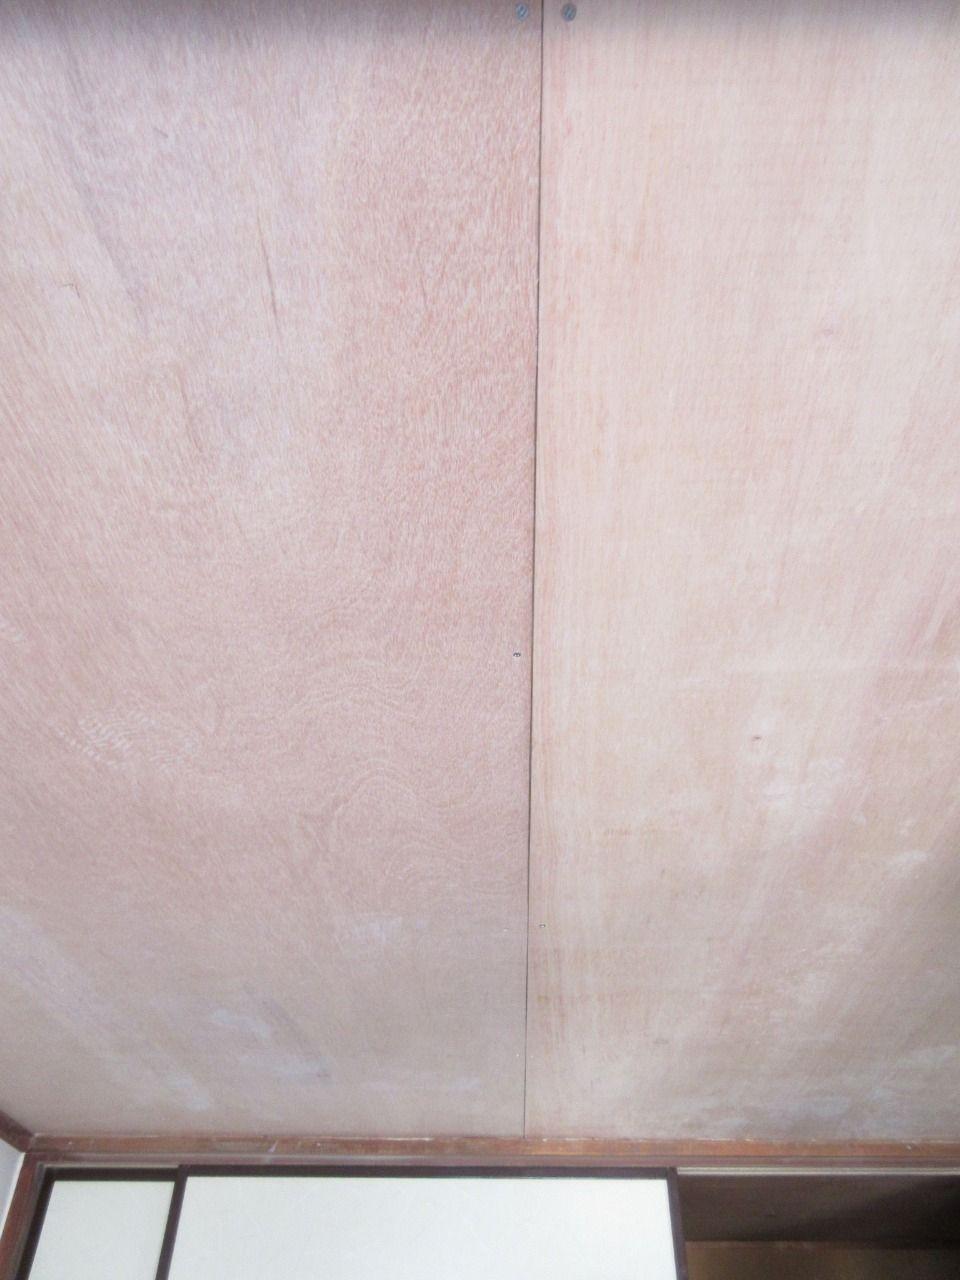 早くペンキを塗りたいところですが、下準備が必要です。 まずはベニヤ板とベニヤ板の隙間をパテで埋めていきます。